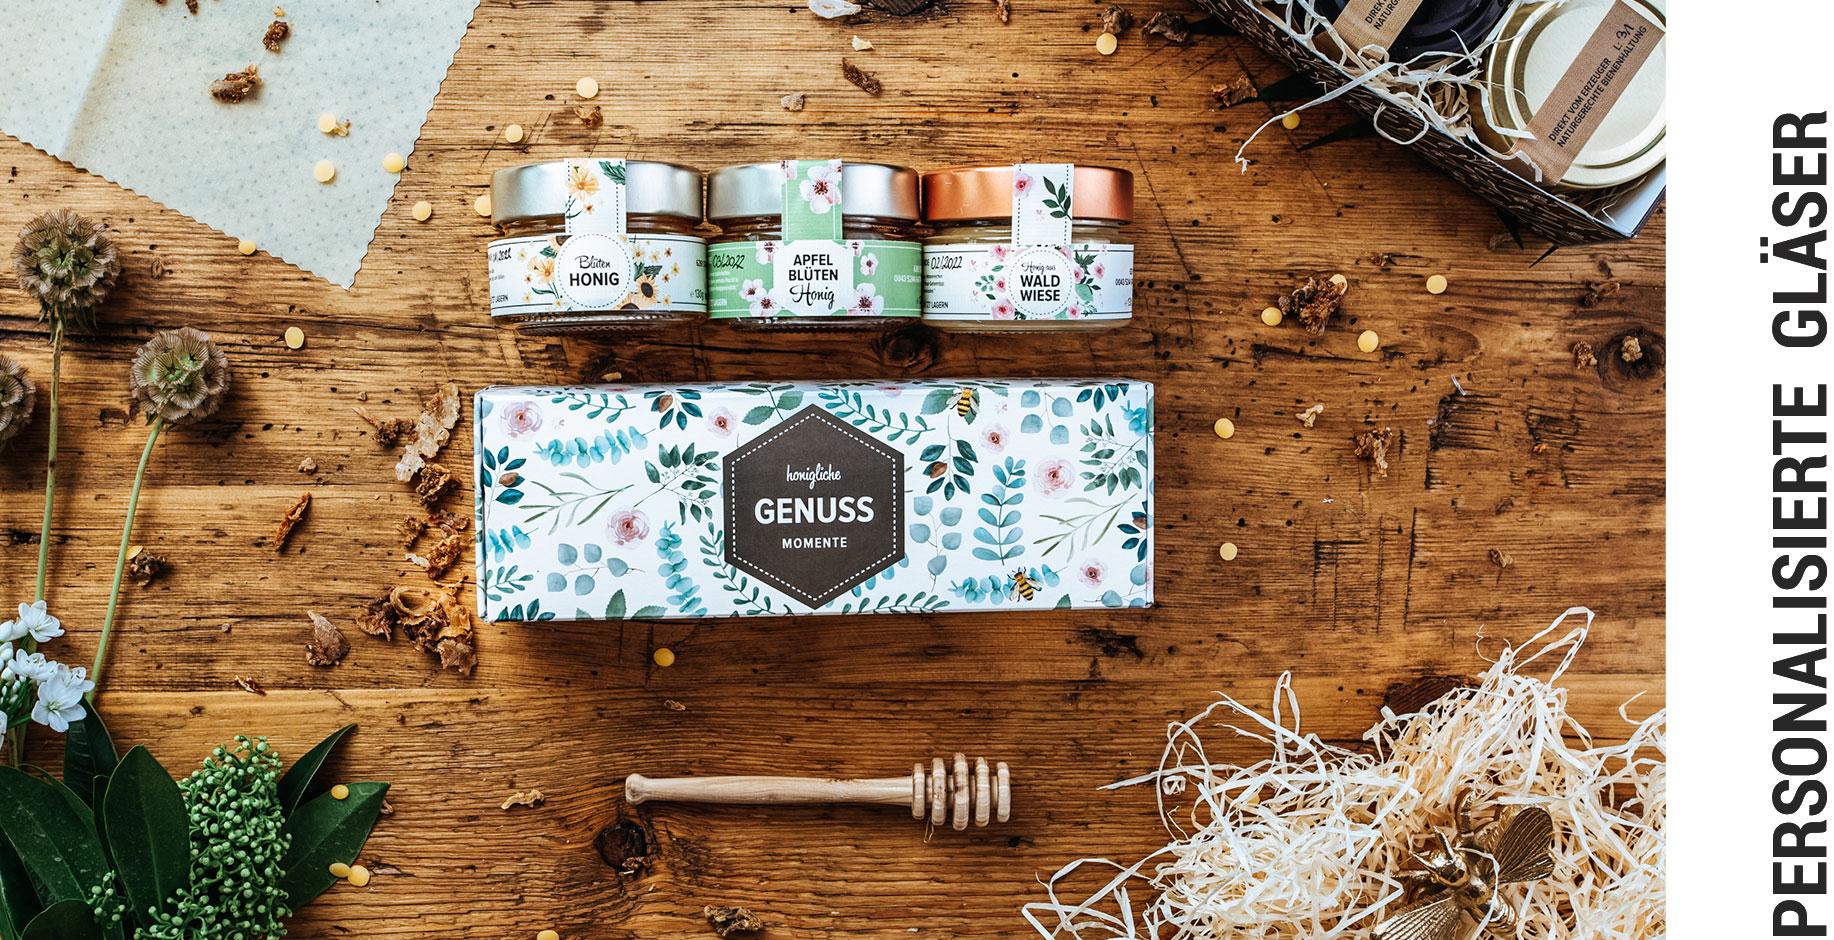 Bienenhof Zilletal personalisierte Honiggläser